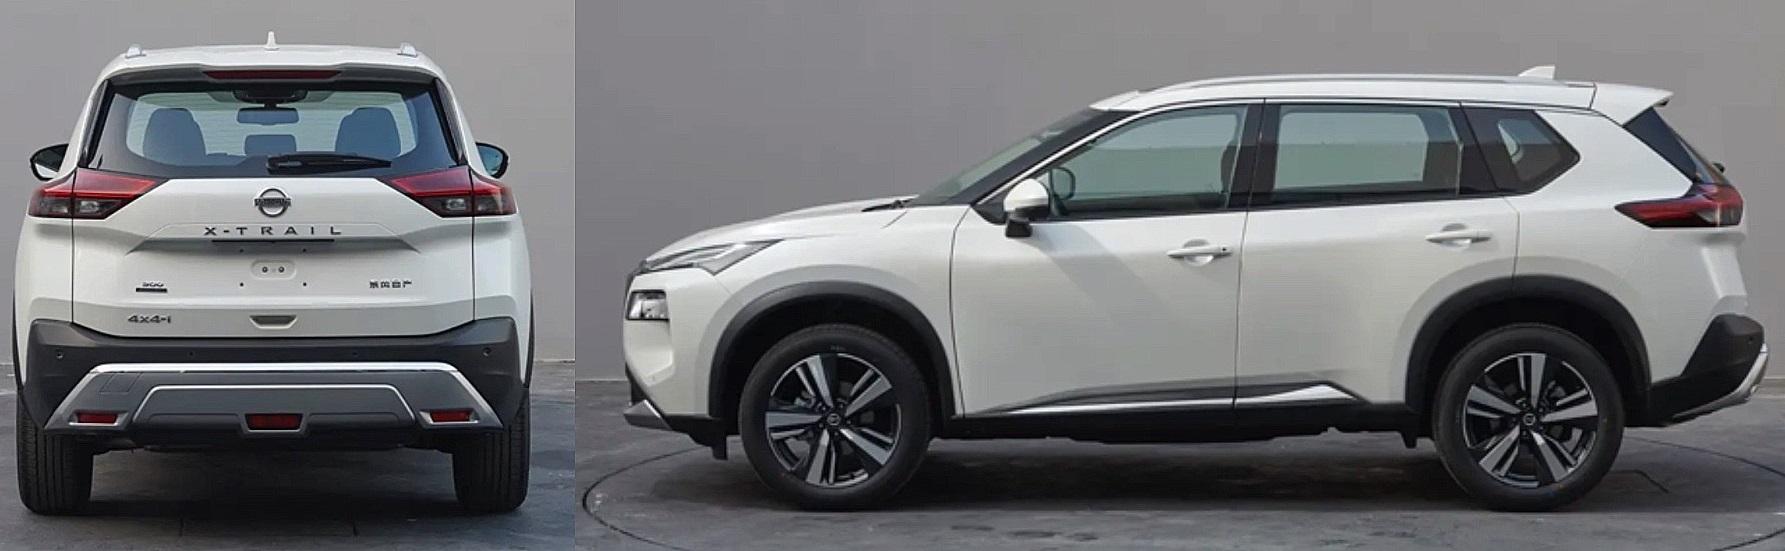 Новий Nissan X-Trail з «турботрійкою» надійшов у продаж: дешевше попередника